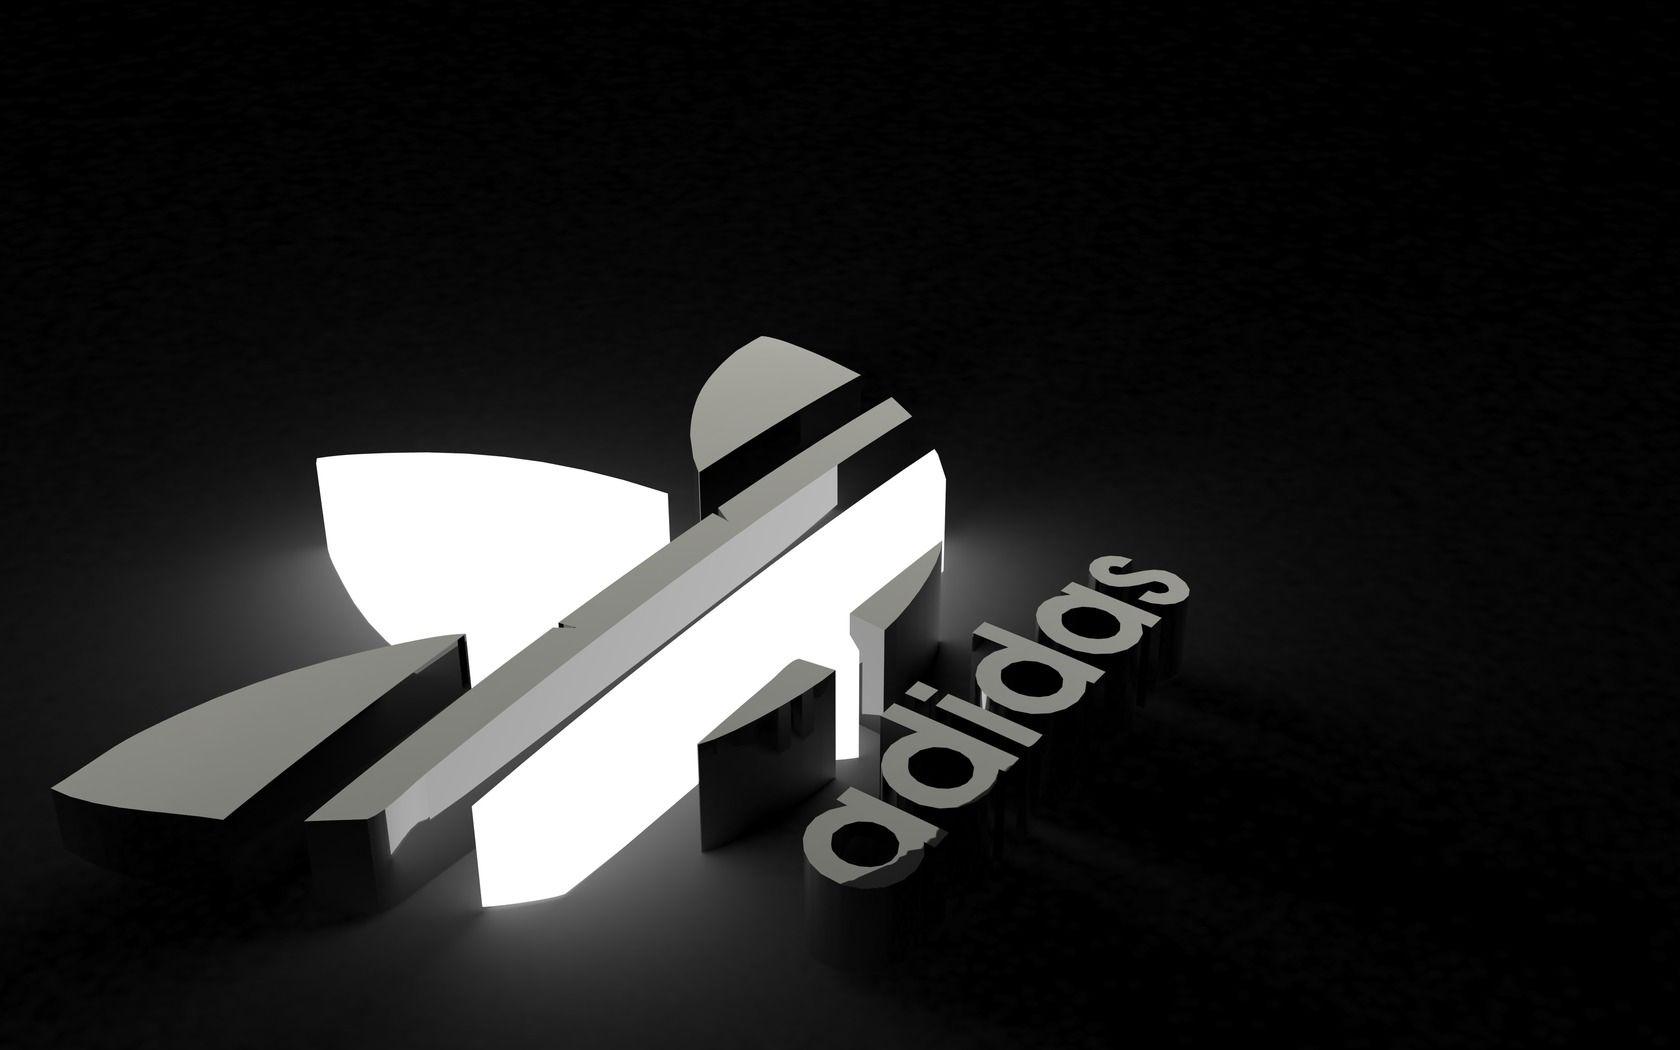 adidas logo black background, adidas iphone background